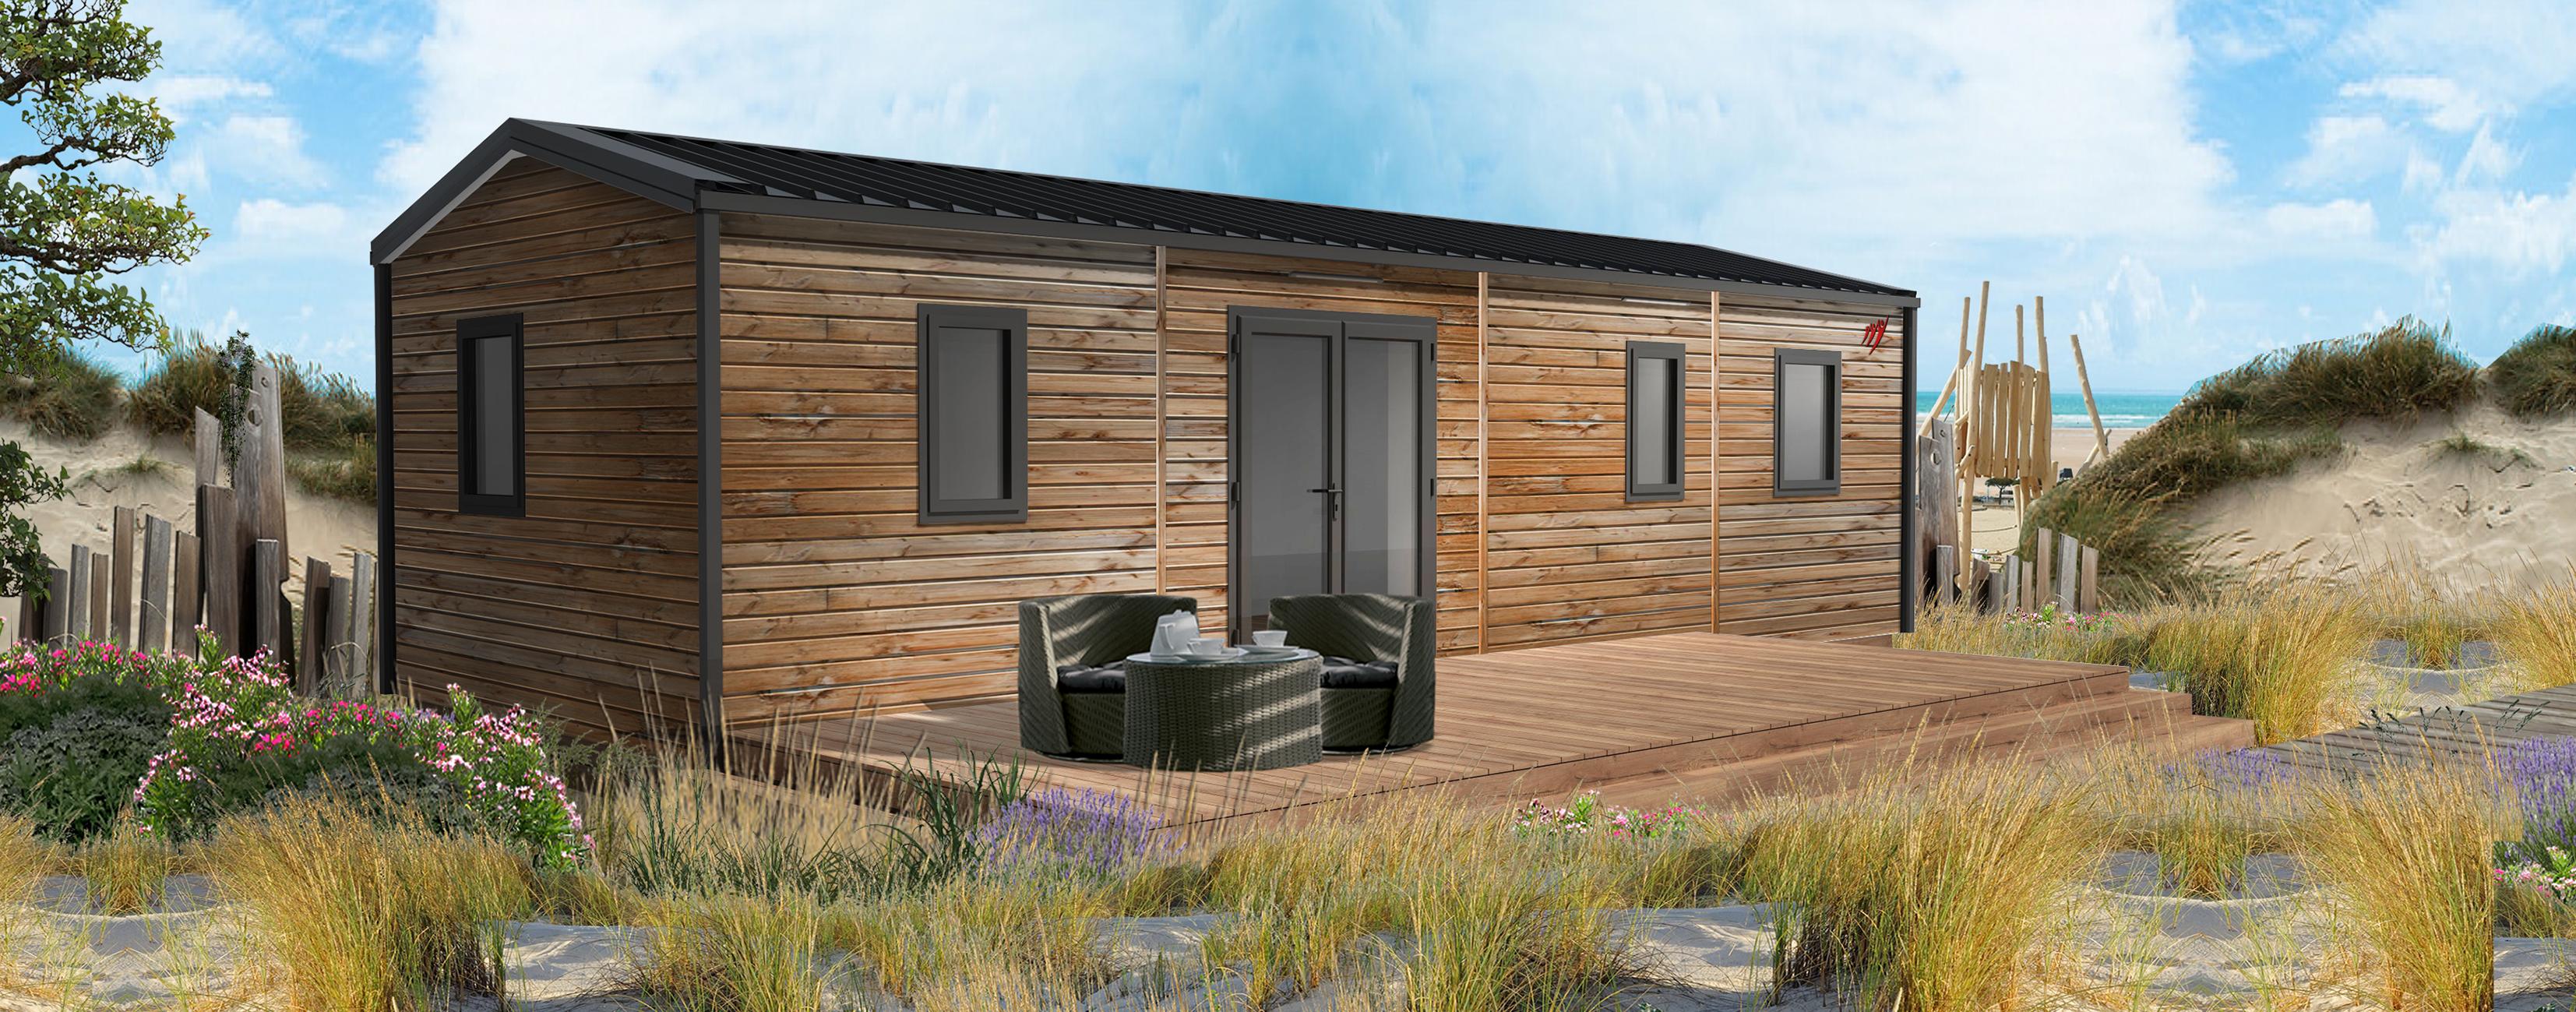 Location - Cottage Les P'tit Quercynois - 2 Chambres - 2 Salles De Bain - Camping Sites et Paysages Le Ventoulou